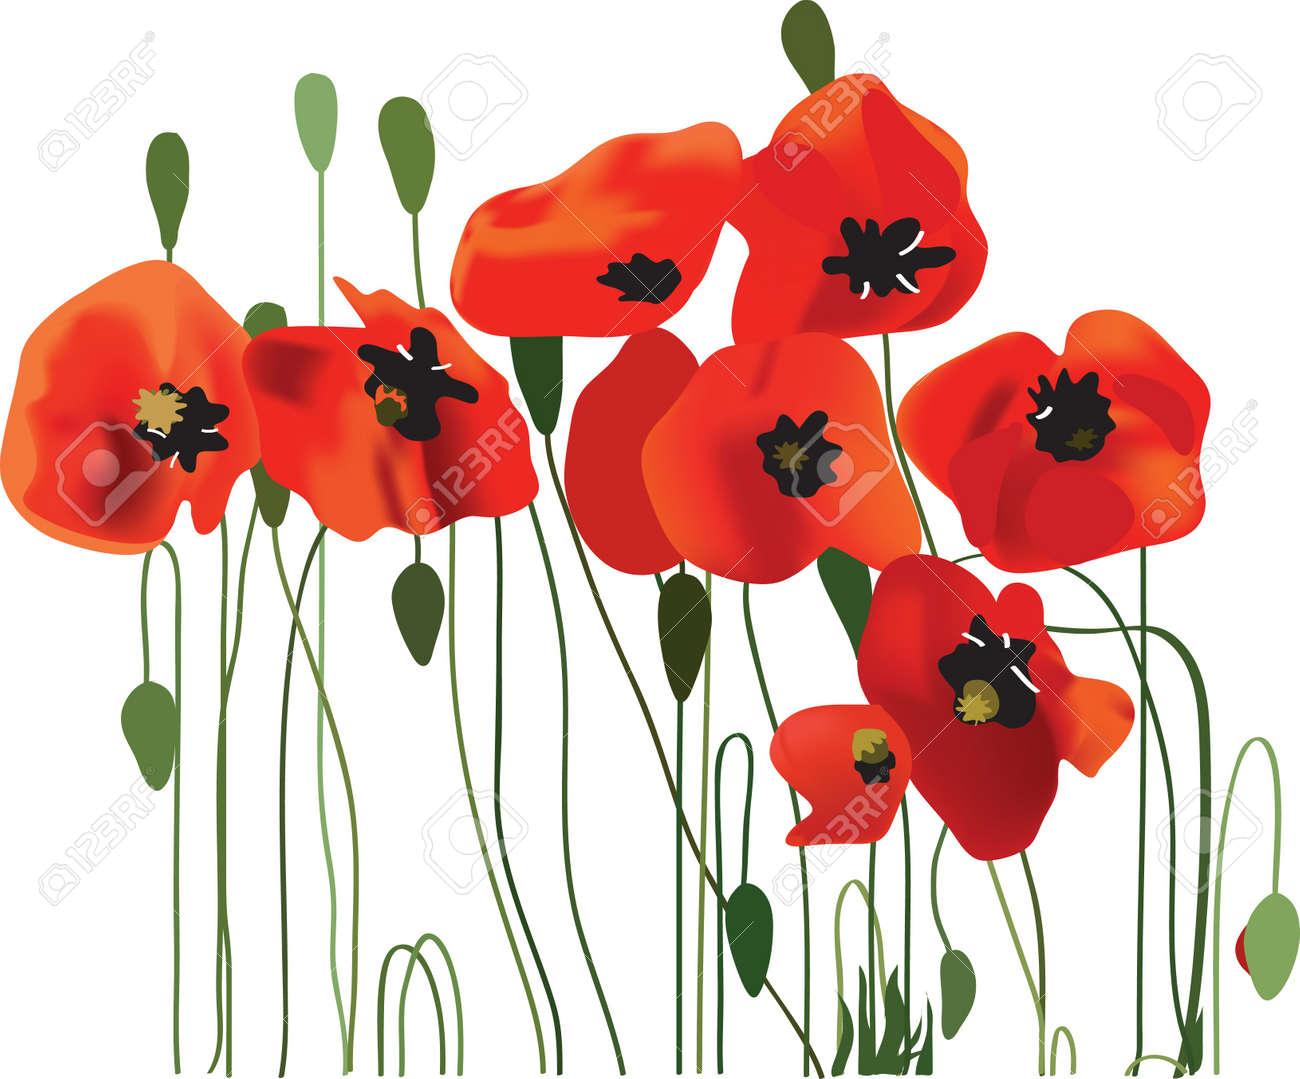 poppy flowers vector art Stock Vector - 10884548